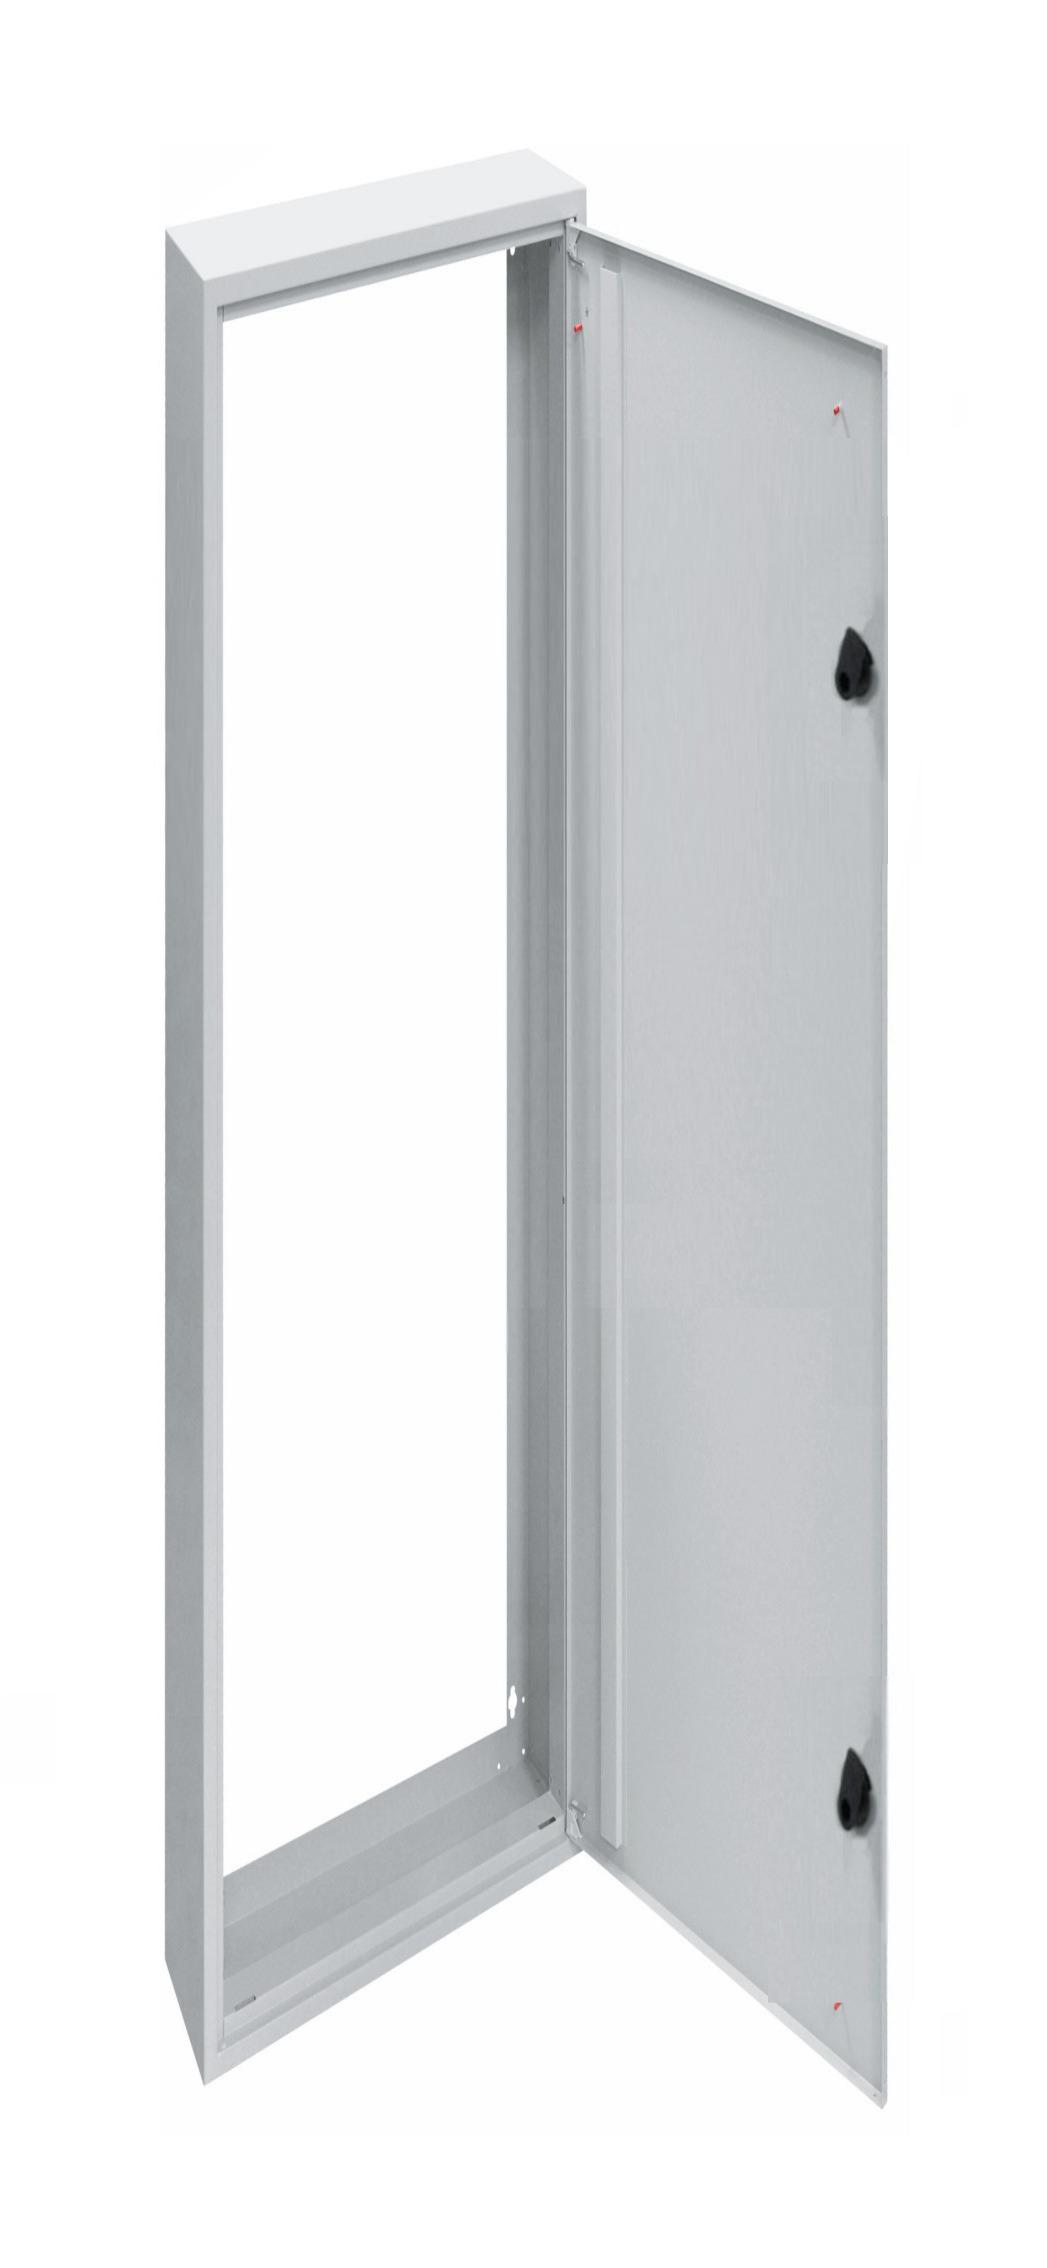 1 Stk Aufputz-Rahmen mit Türe 1A-28, H1380B380T250mm IL006128-F